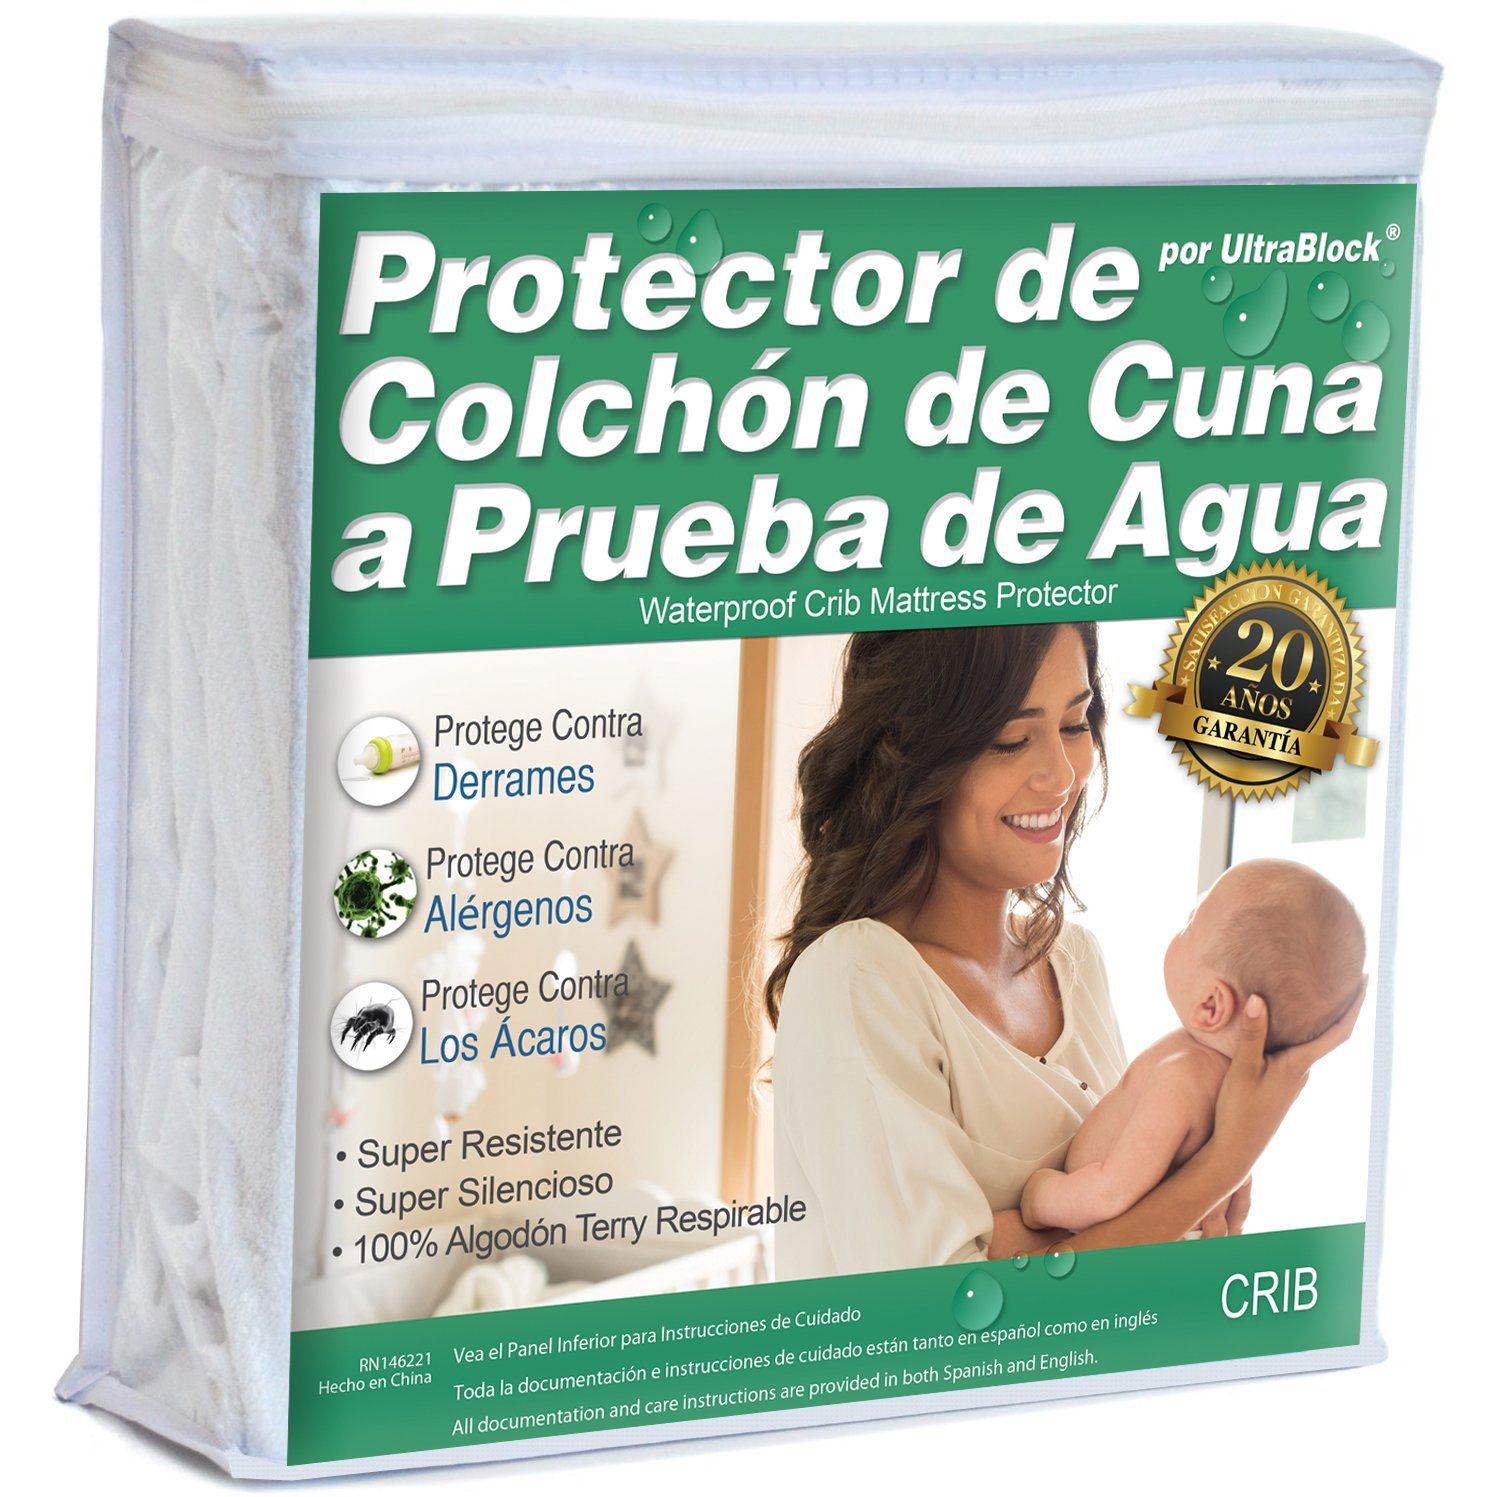 UltraBlock Protector de colchón impermeable Crib y cama para niño - Funda de terry de algodón suave Premium